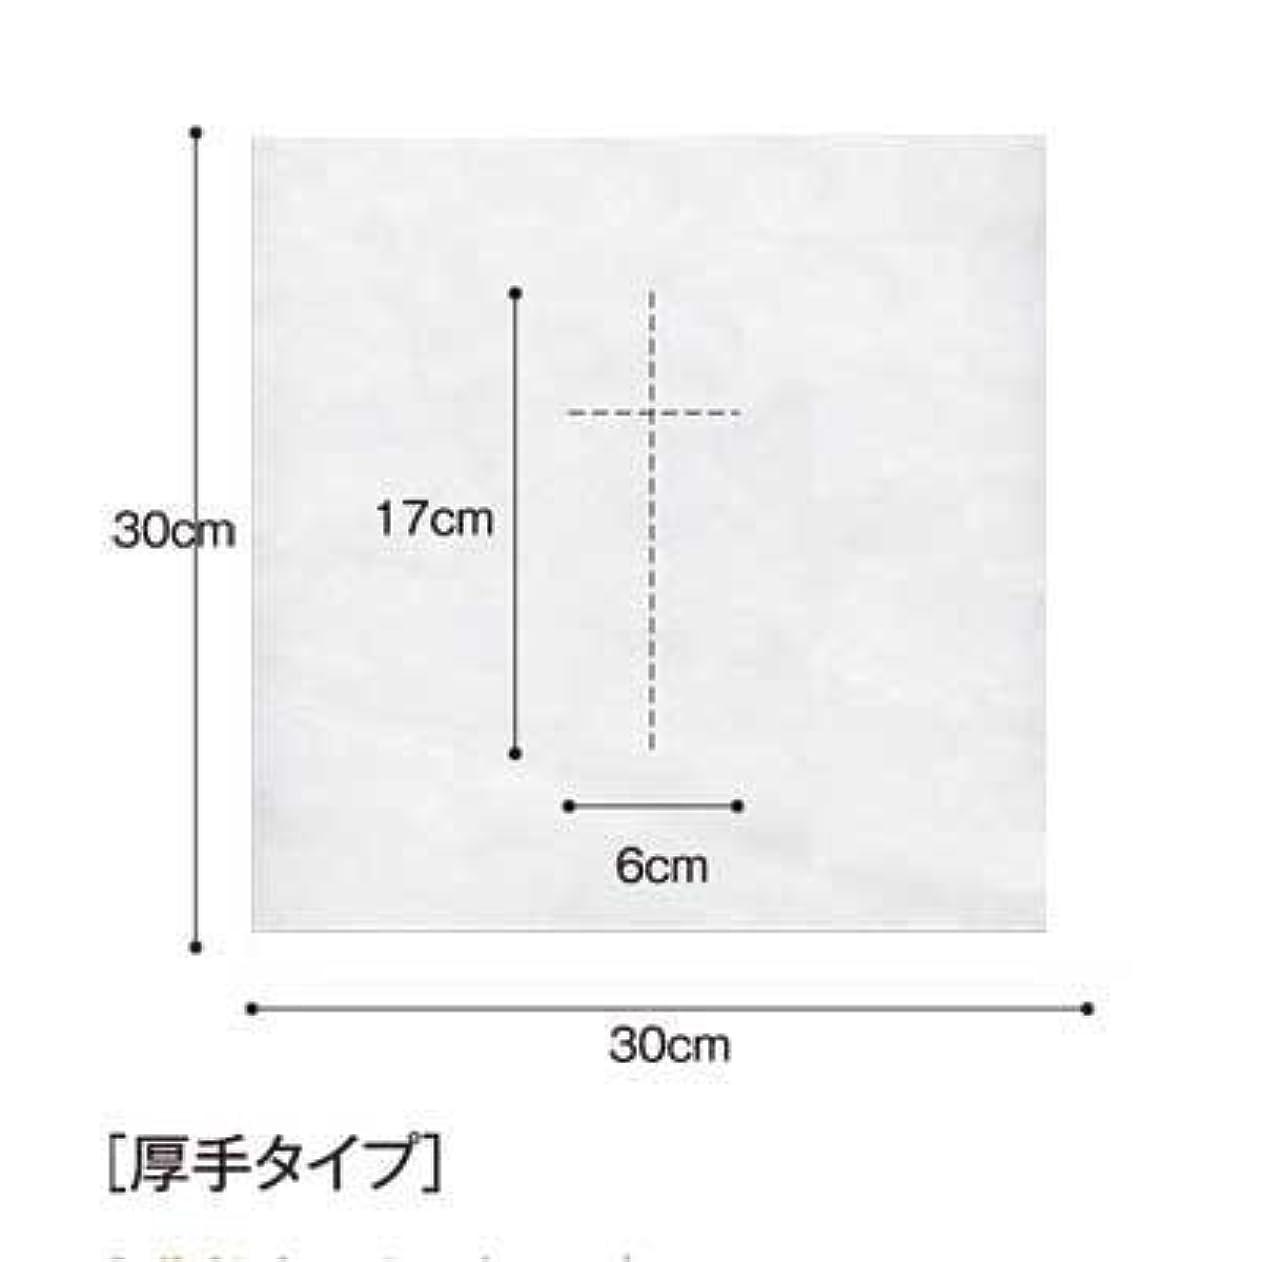 量伝染病ボット(ロータス)LOTUS 日本製 ピロカバー DX 十字カット 100枚入 業務用 マッサージ 、エステ 厚みのあるタイプ